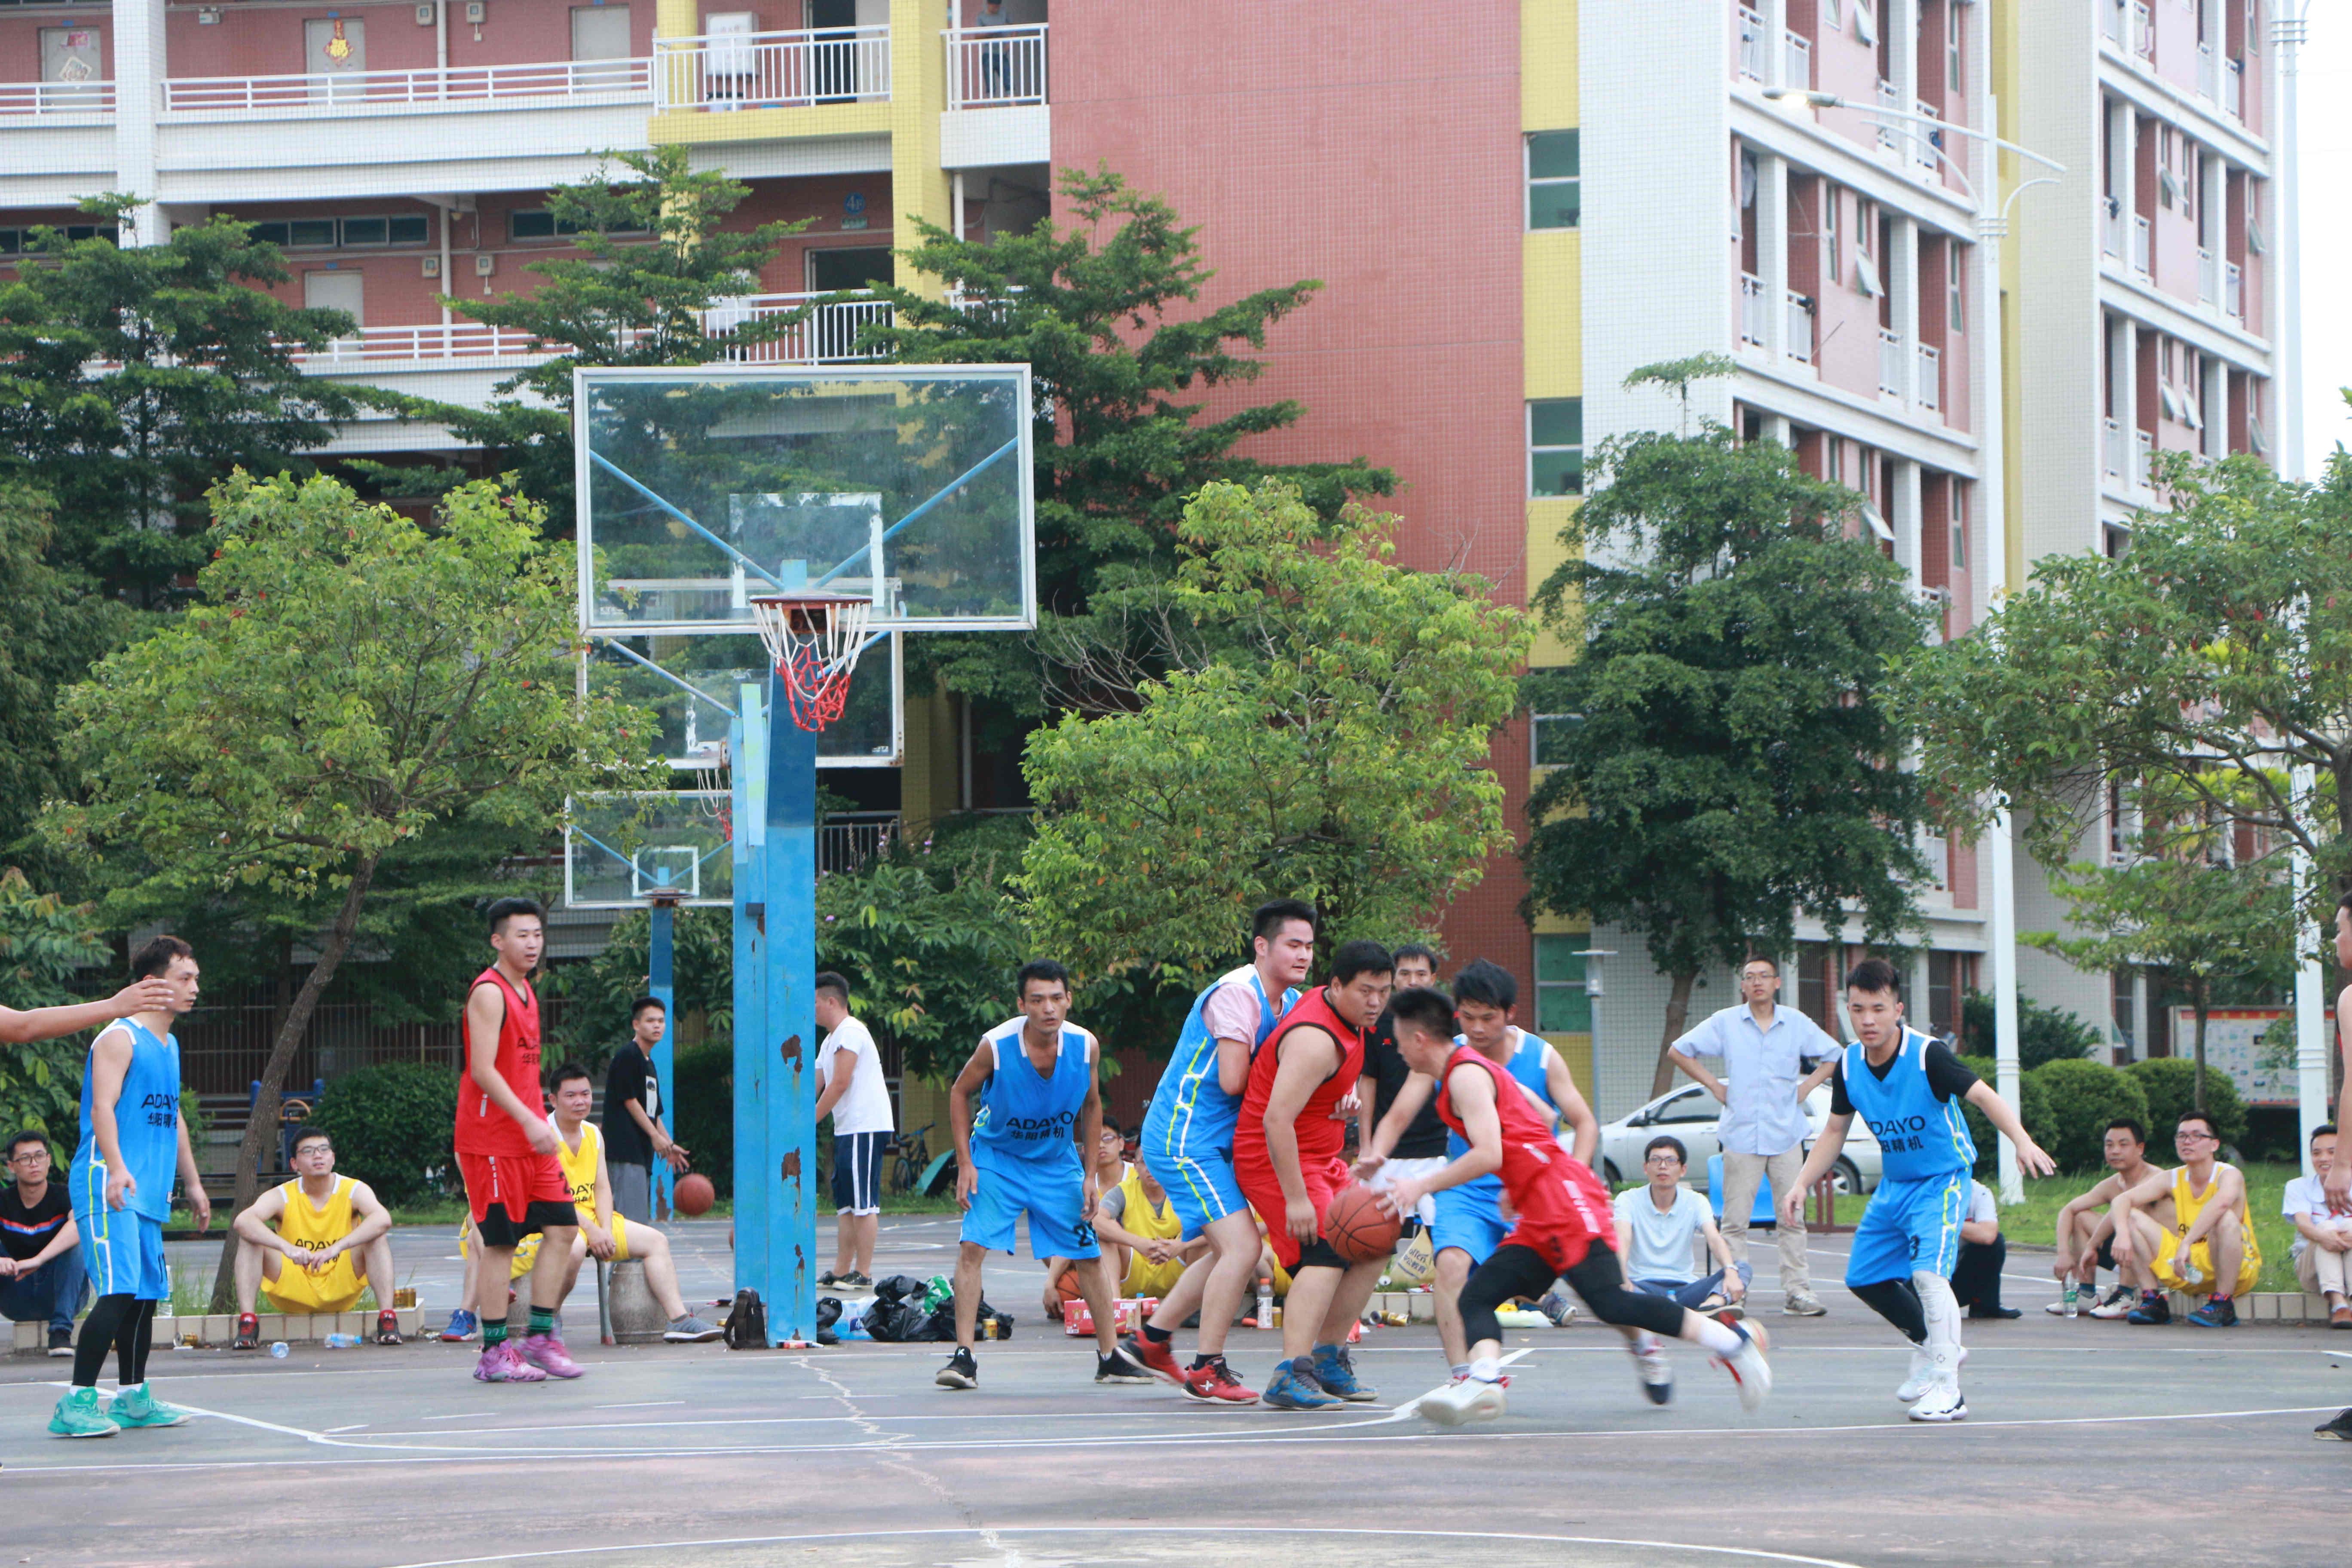 凝心聚力揚風采,華陽精機全員籃球賽舉行